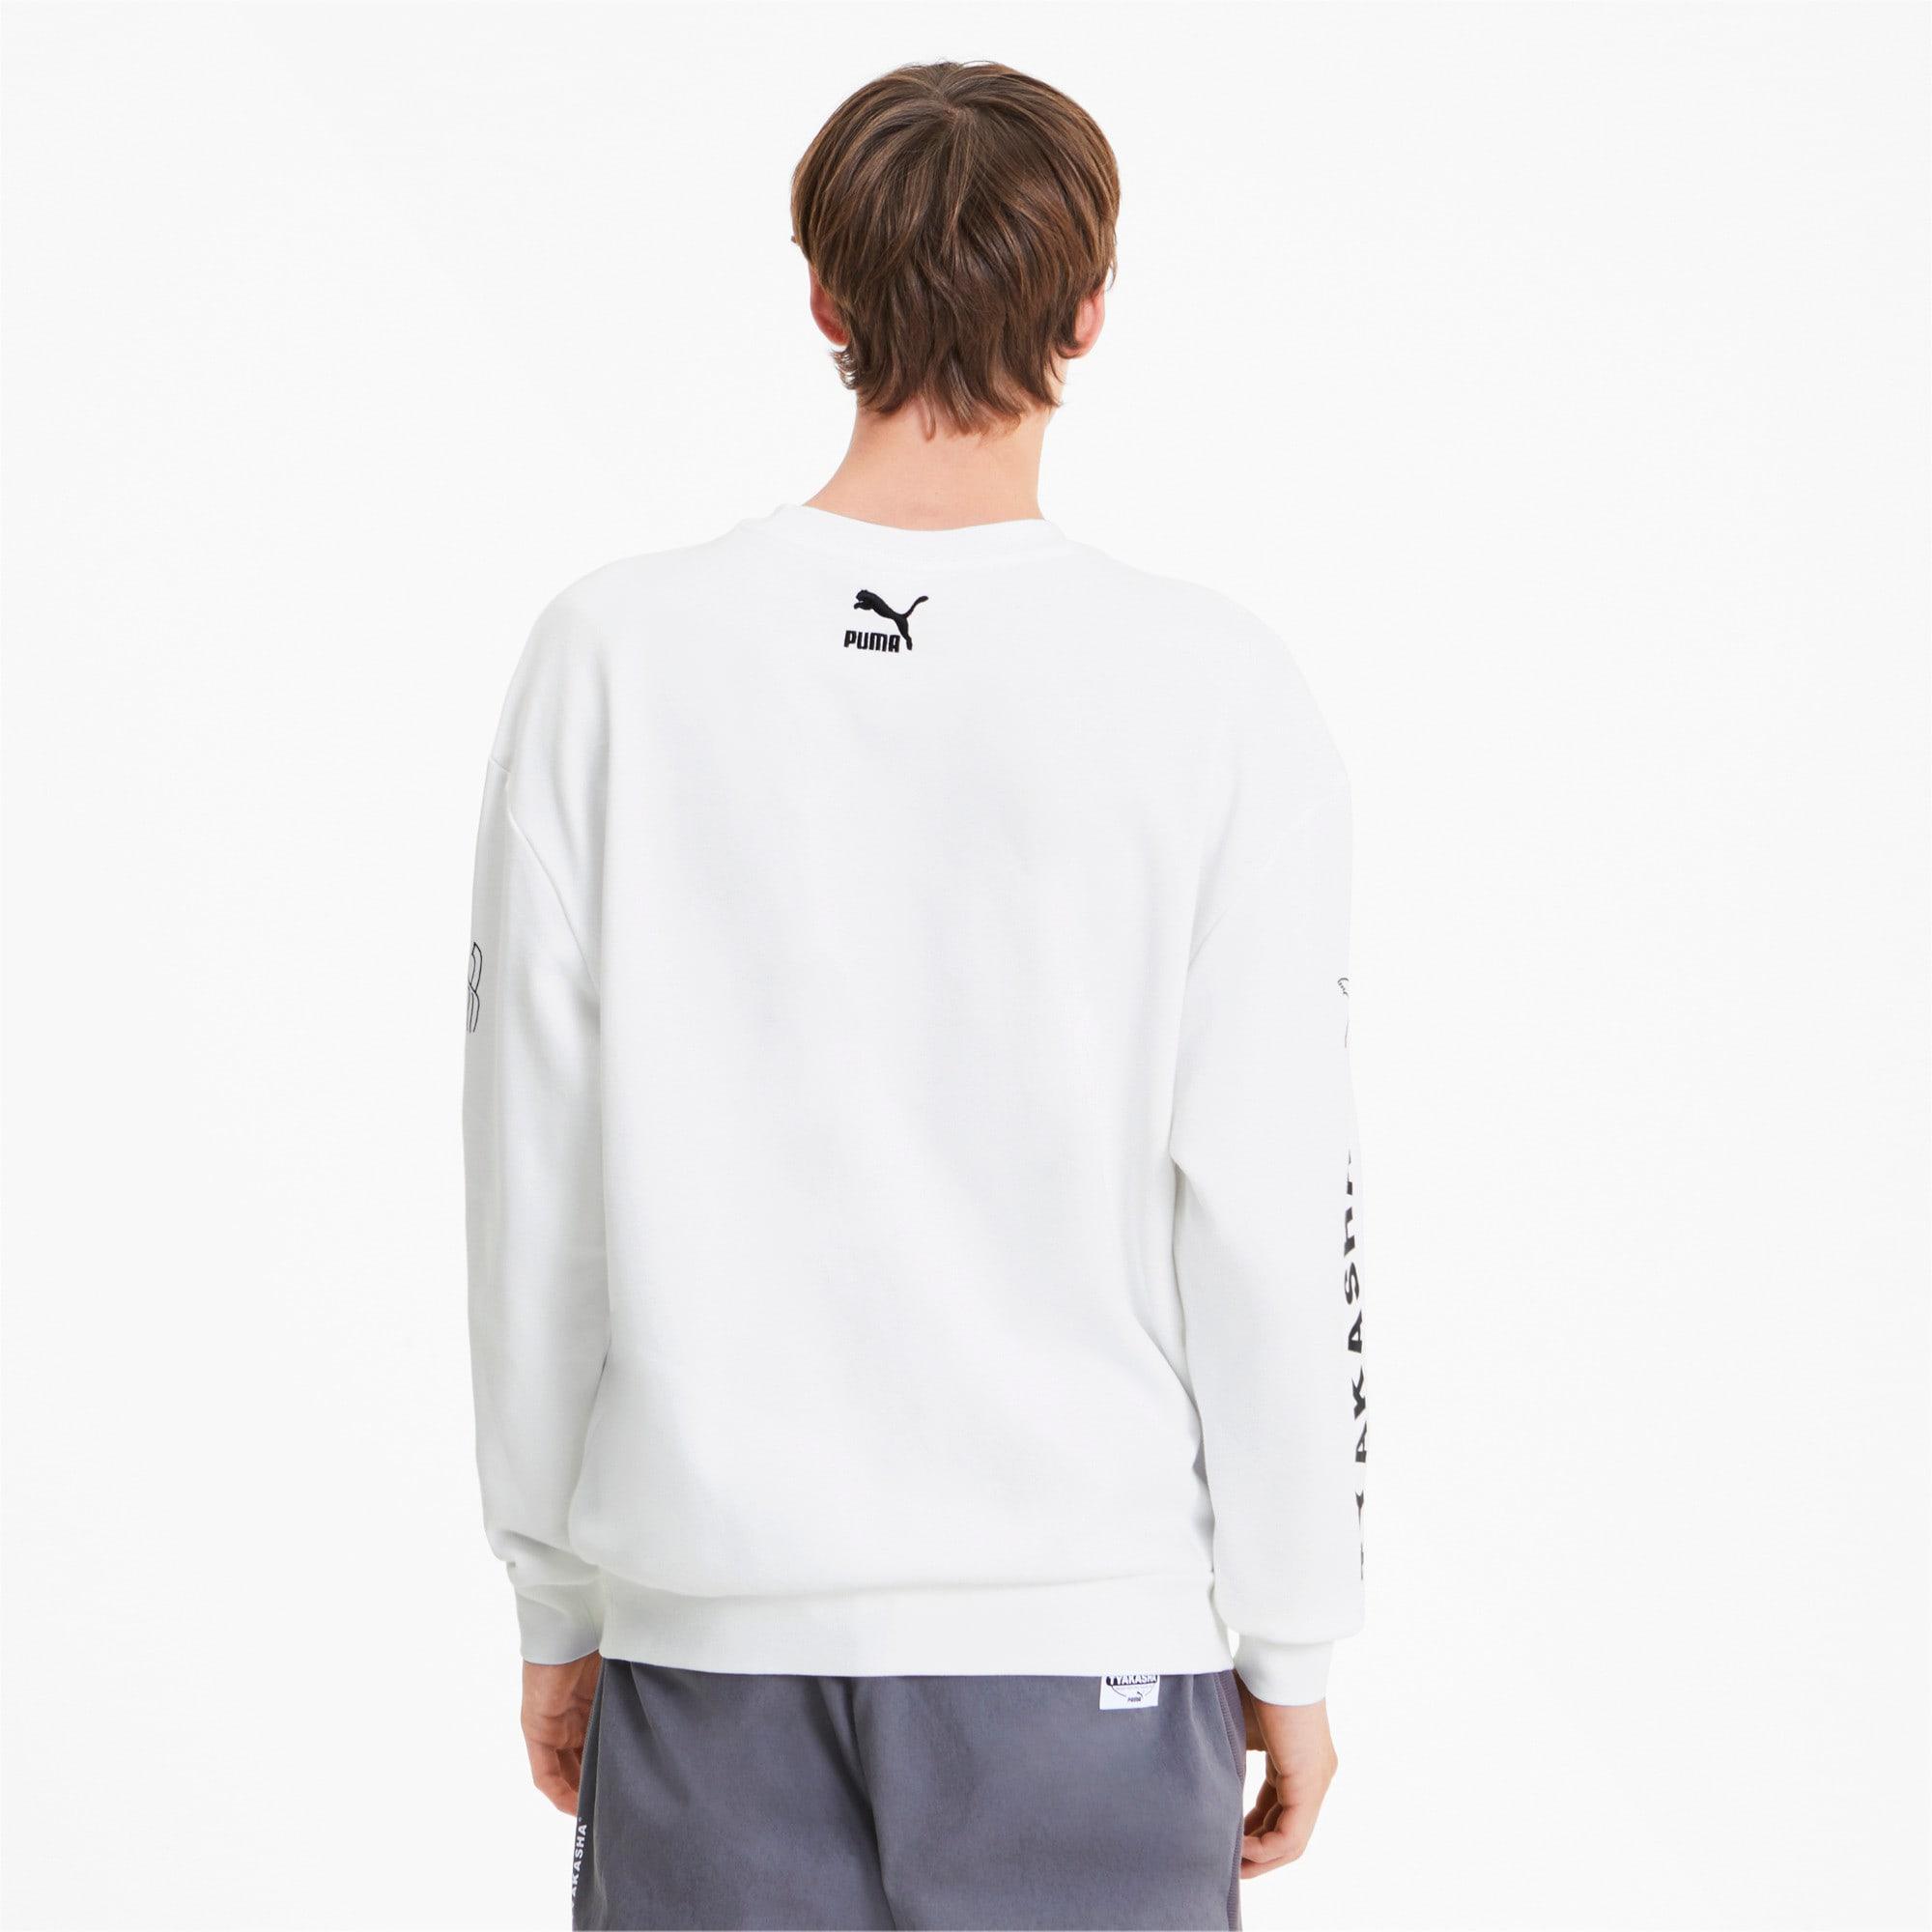 Thumbnail 3 of PUMA x TYAKASHA Crew Men's Sweater, Puma White, medium